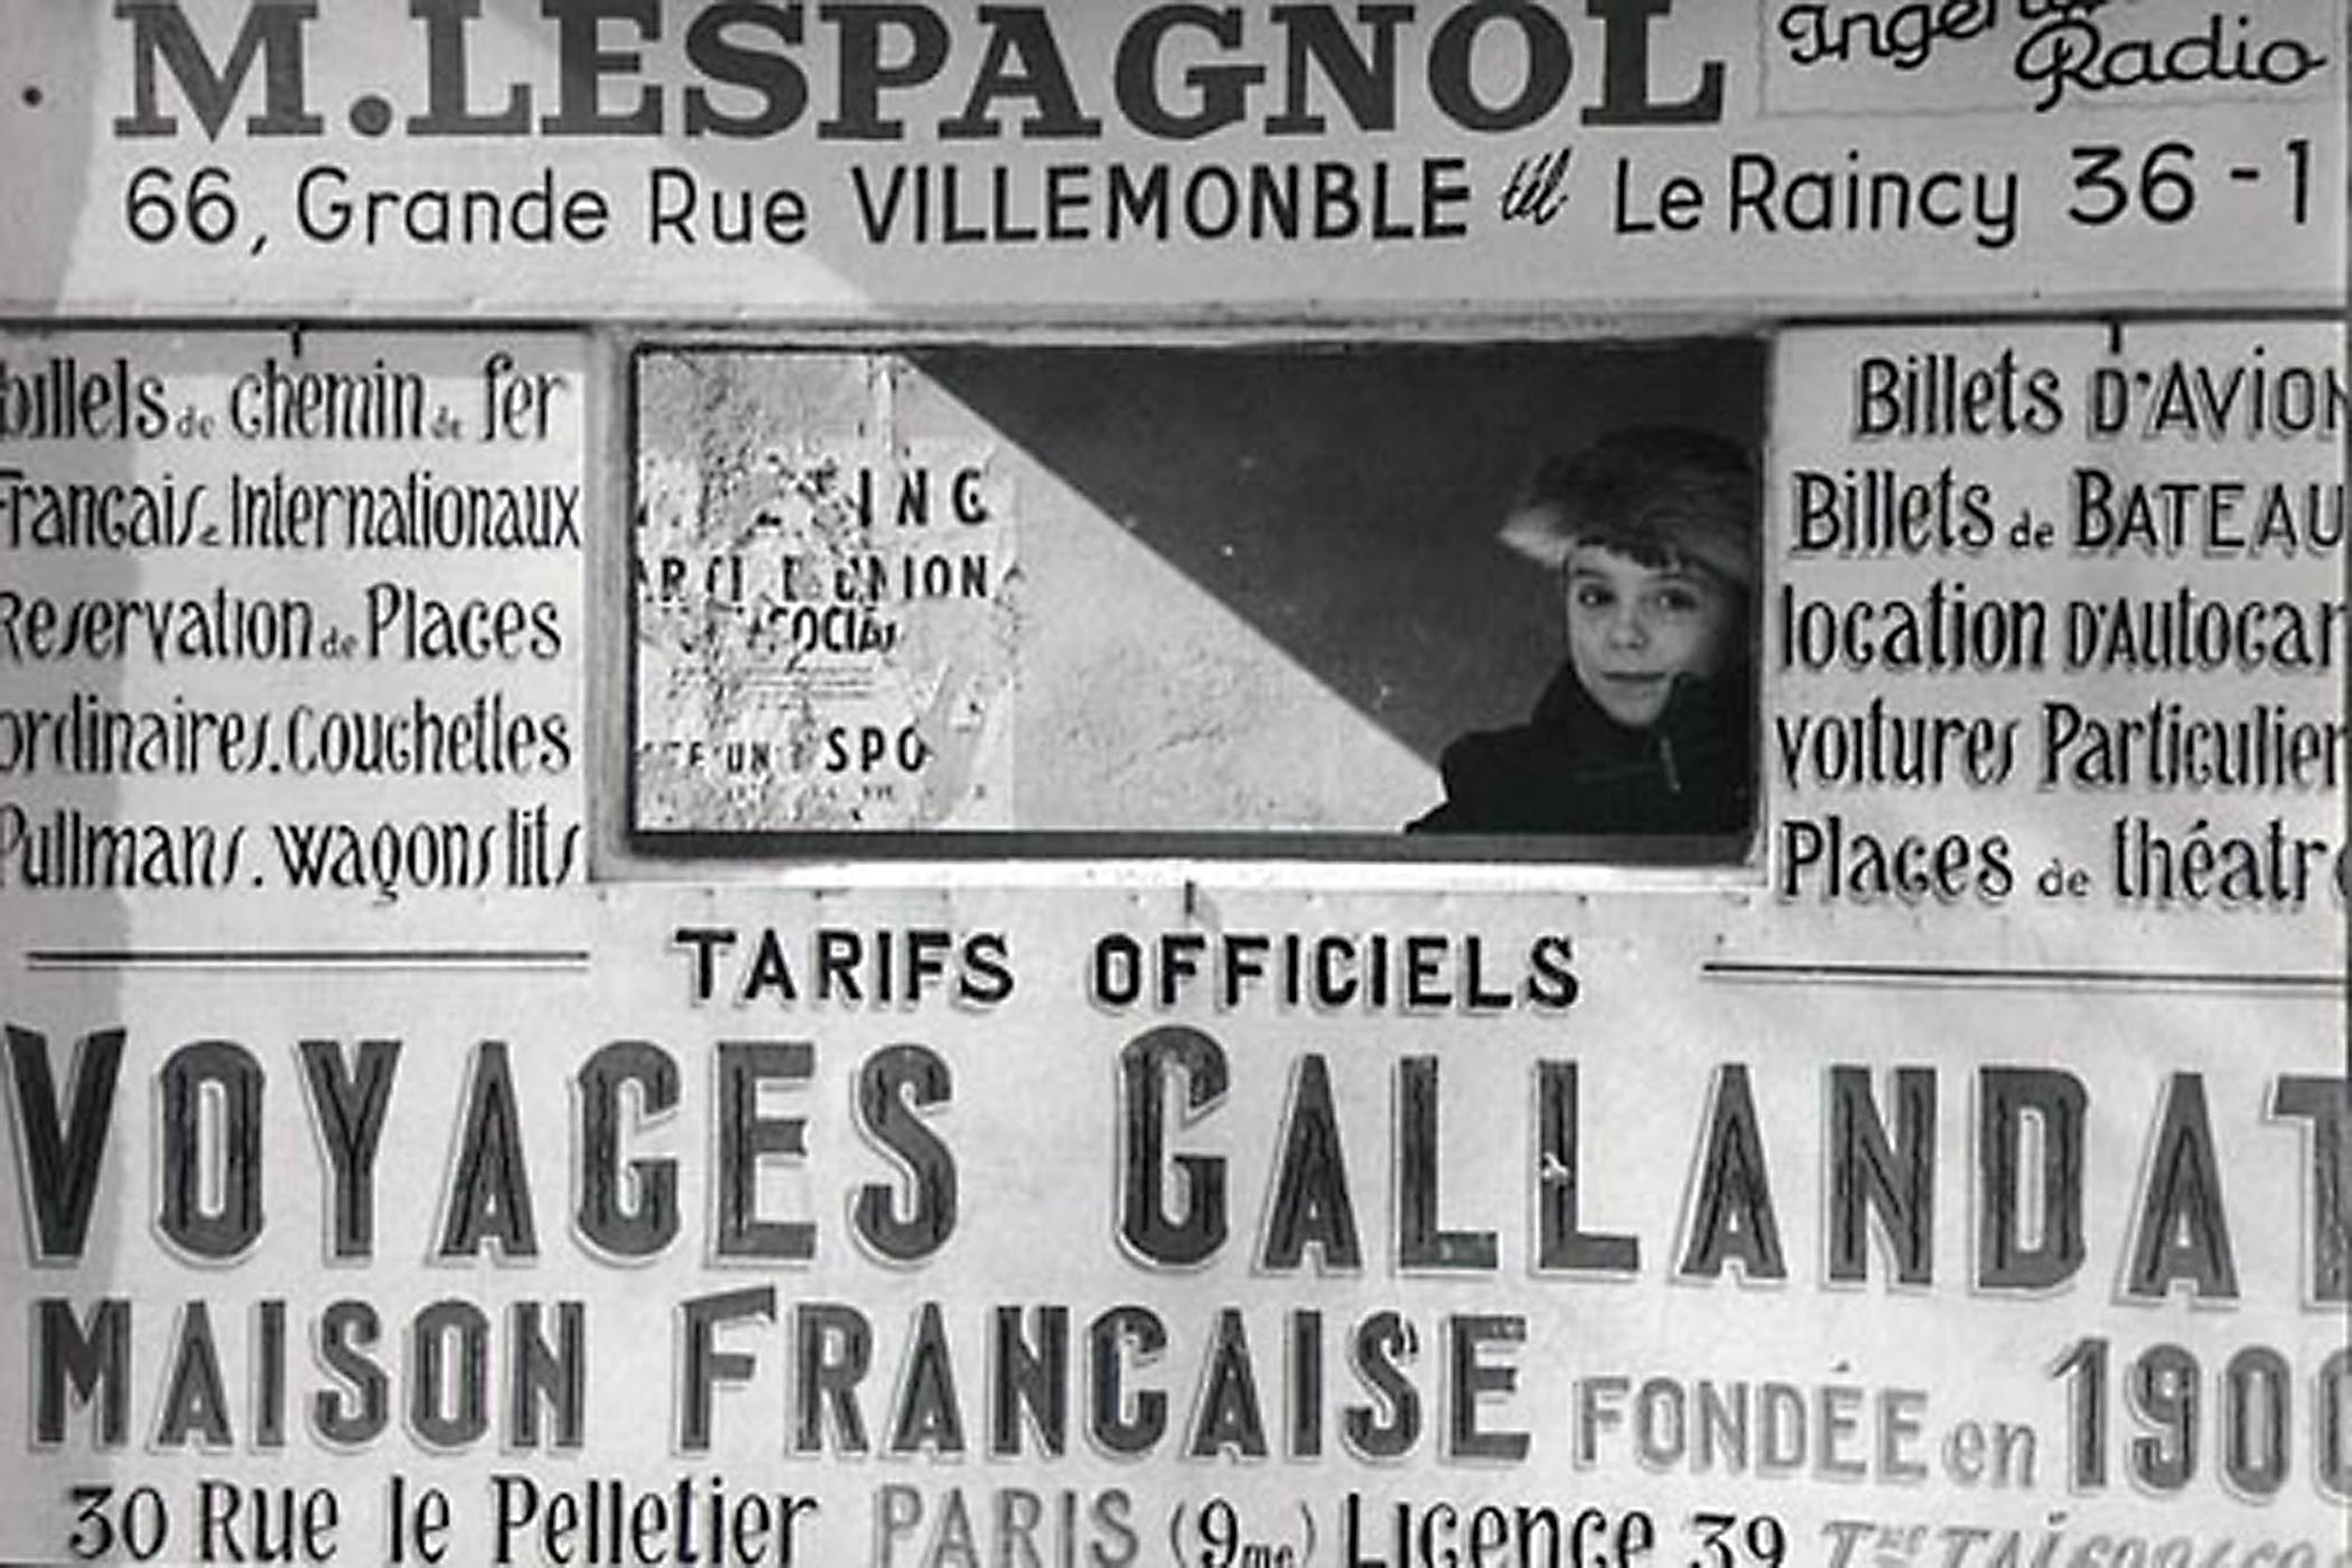 HANNON_boy_in_wall_(paris)_1958_p11x14_high.jpg